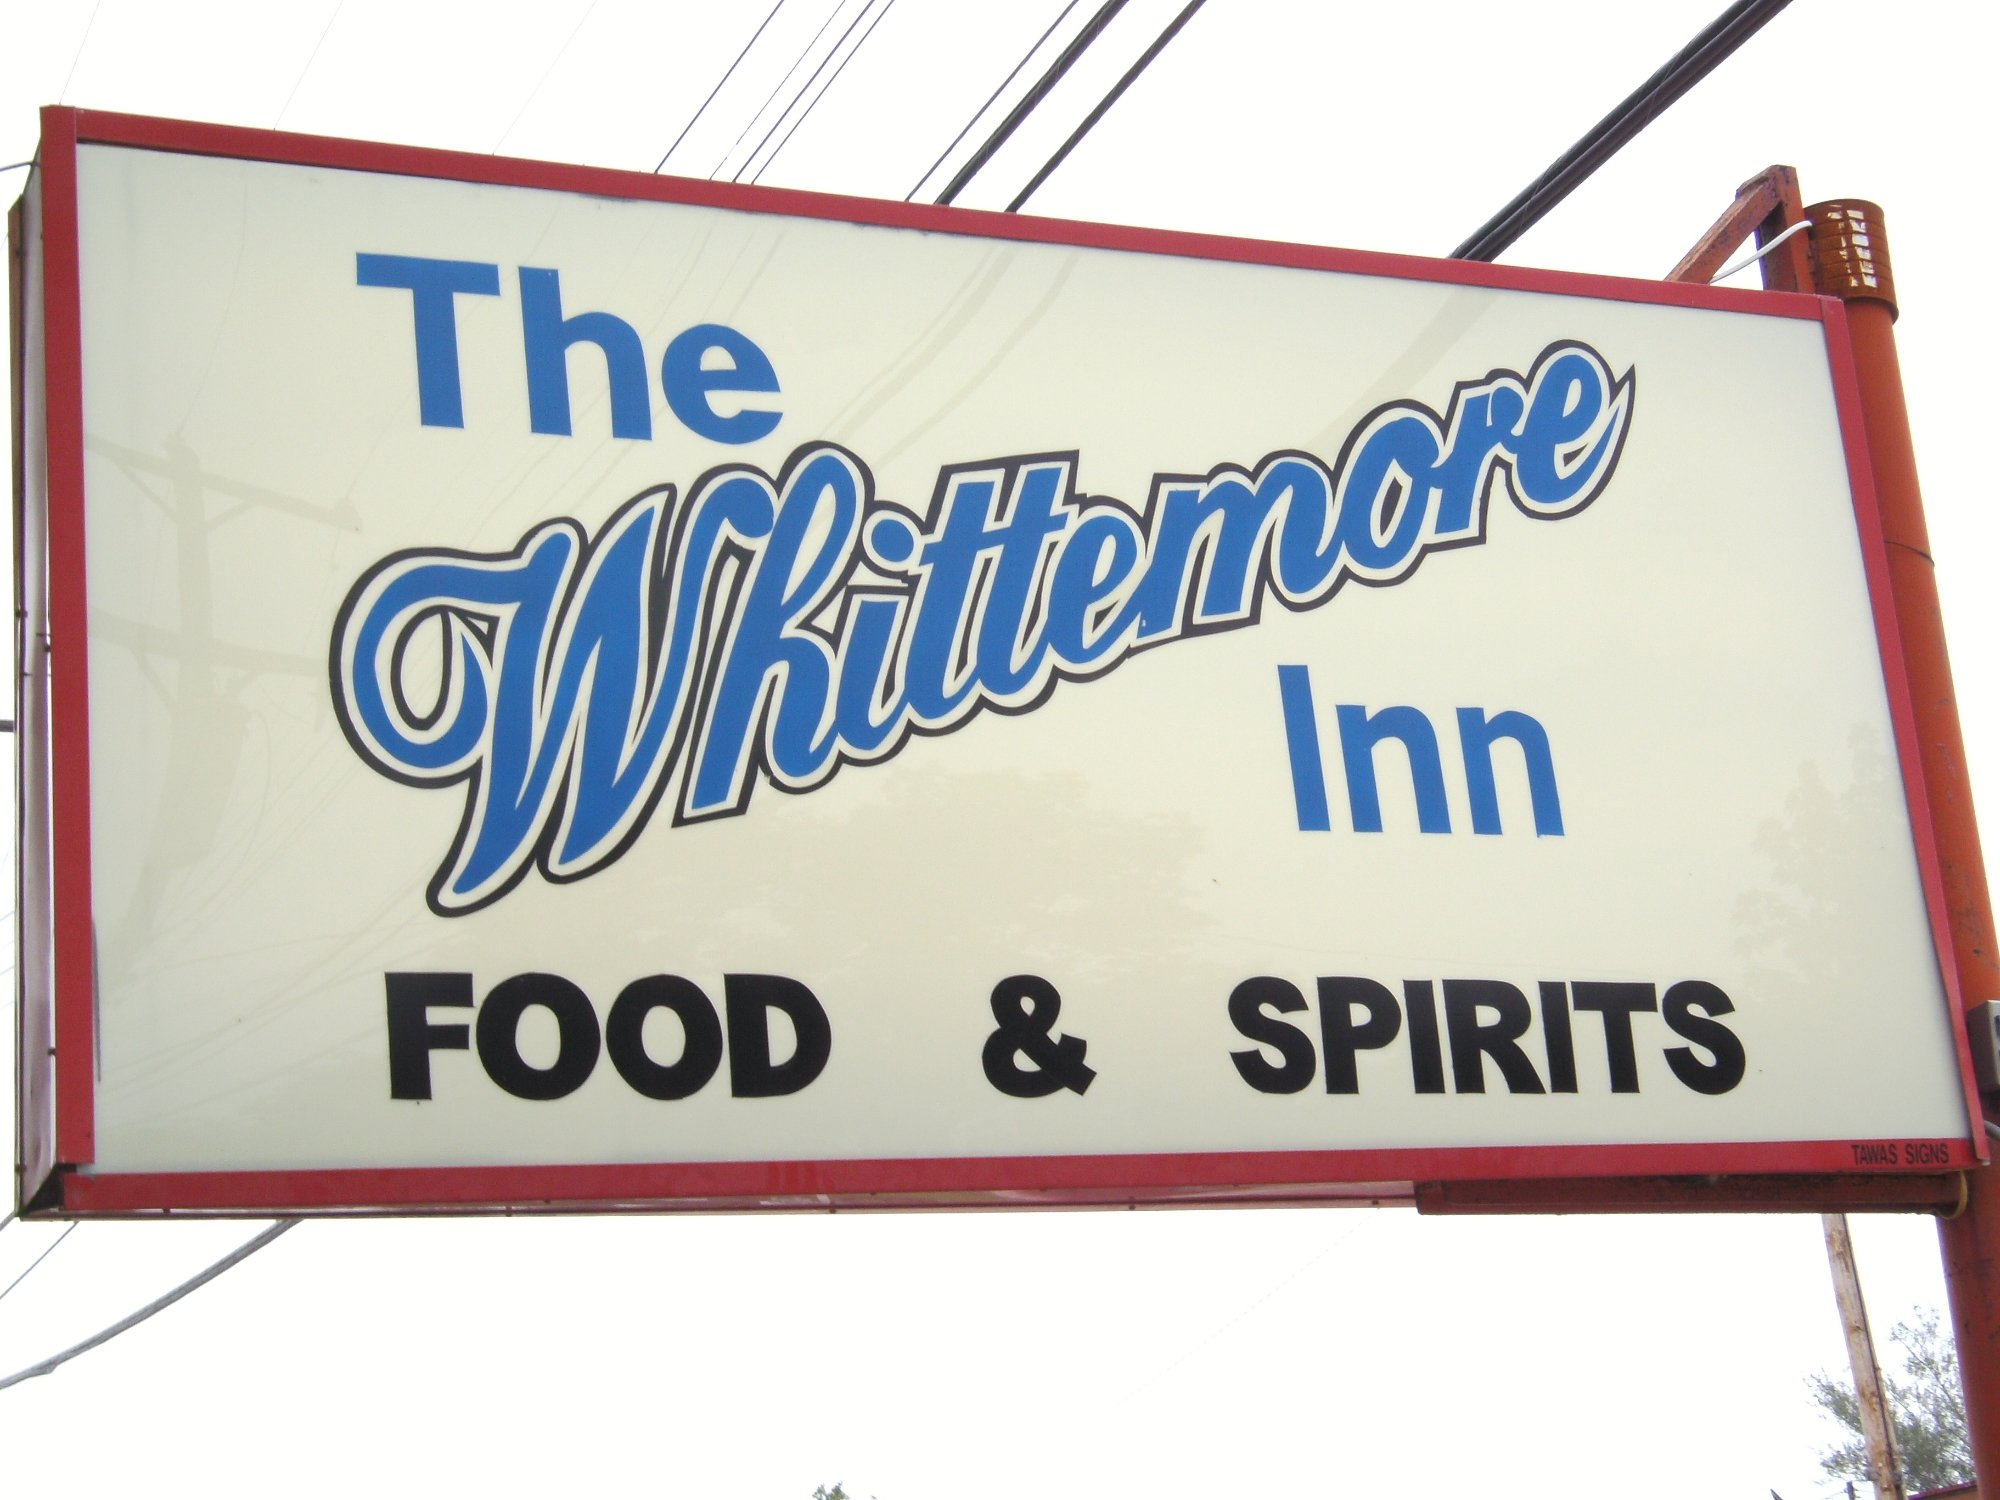 Whittemore Inn